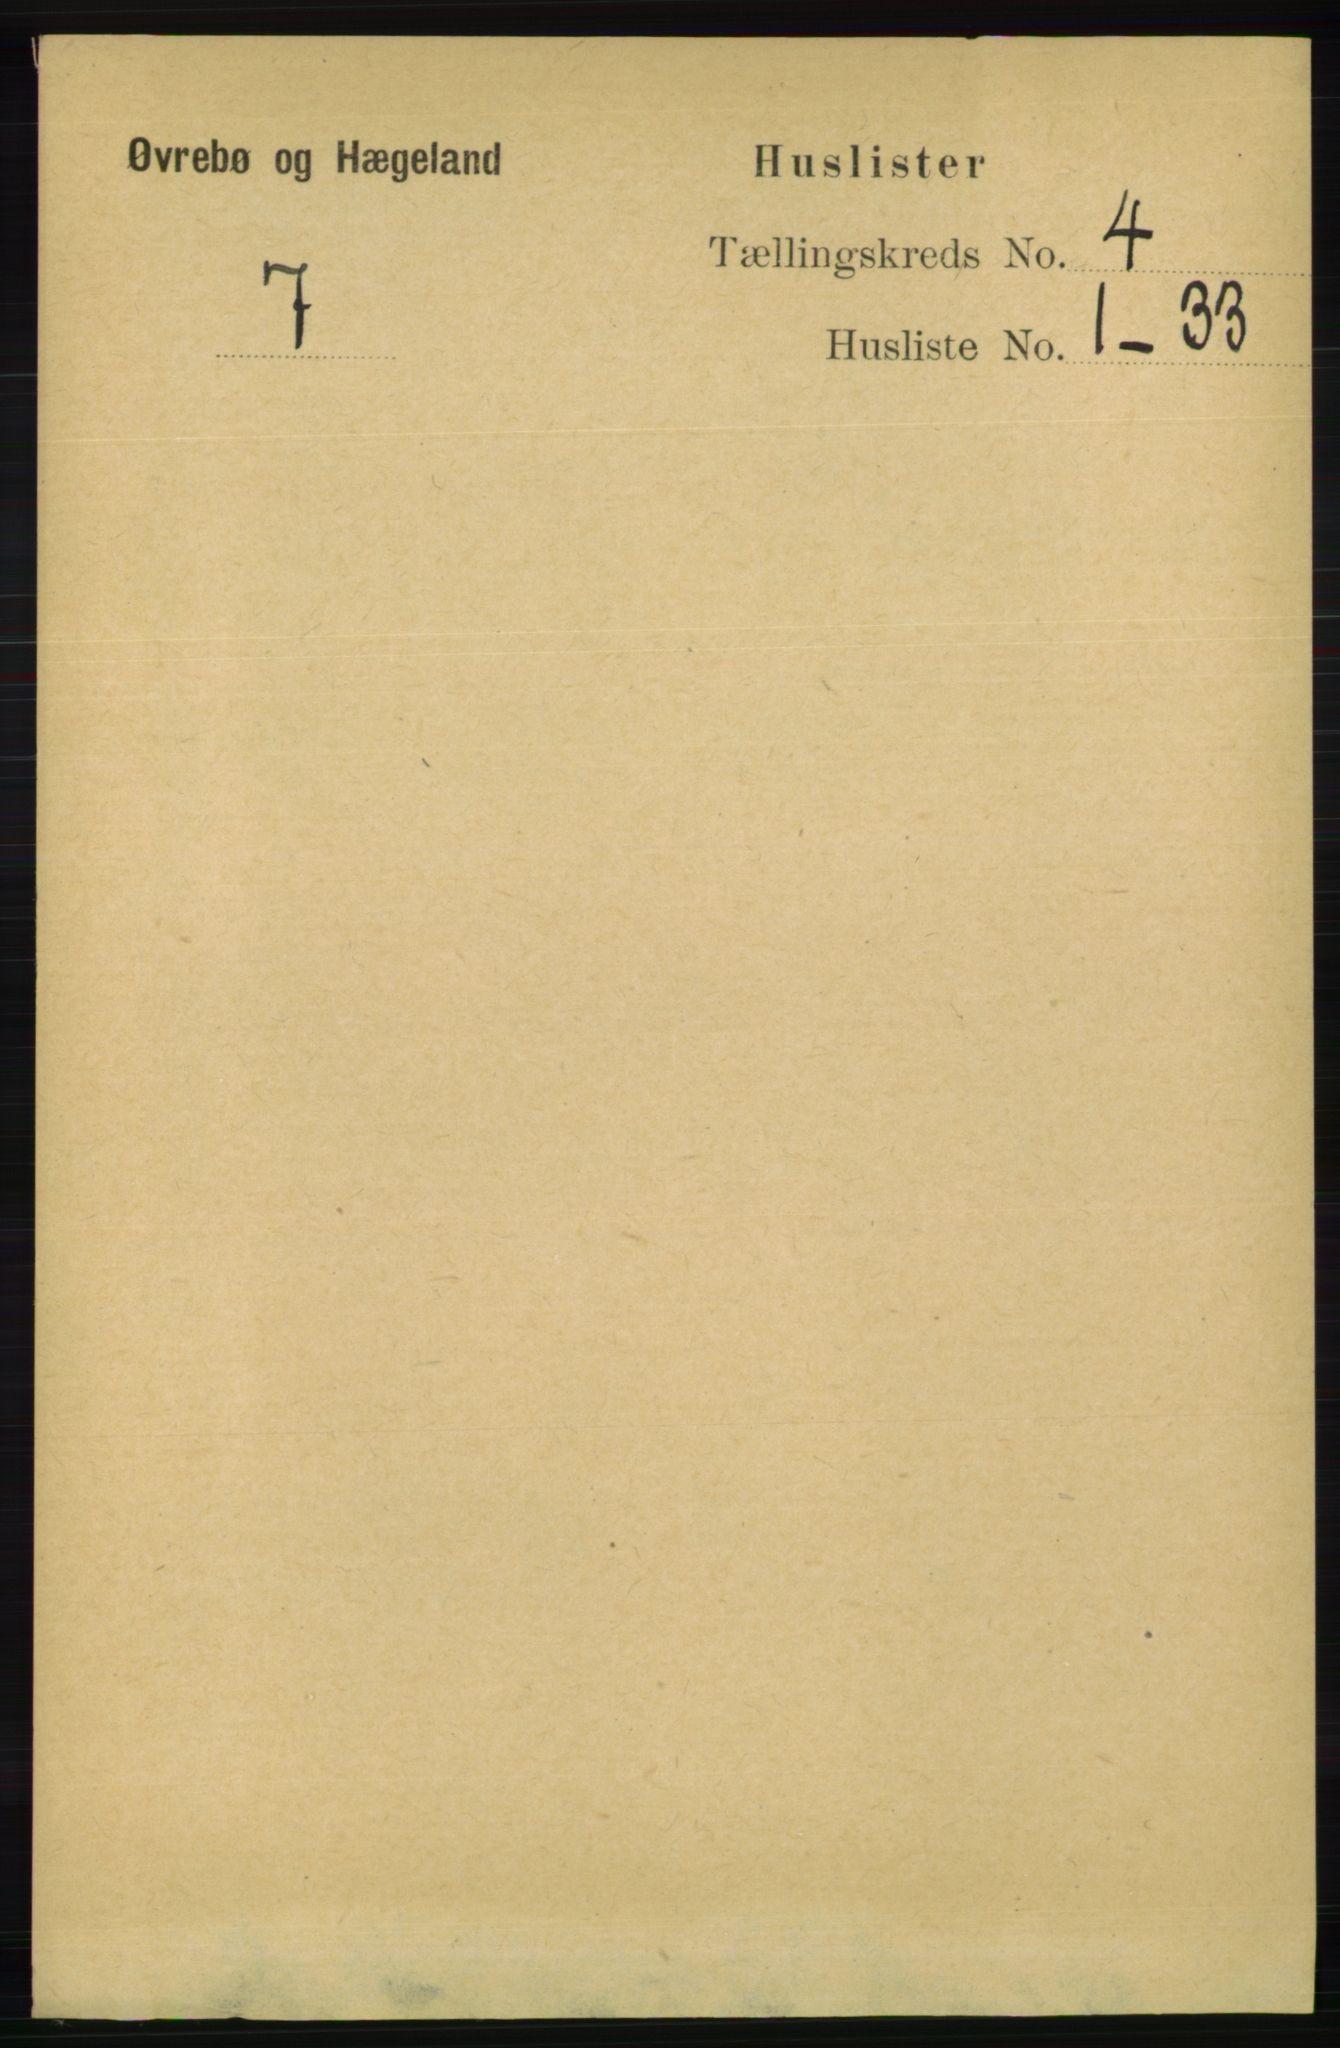 RA, Folketelling 1891 for 1016 Øvrebø og Hægeland herred, 1891, s. 647